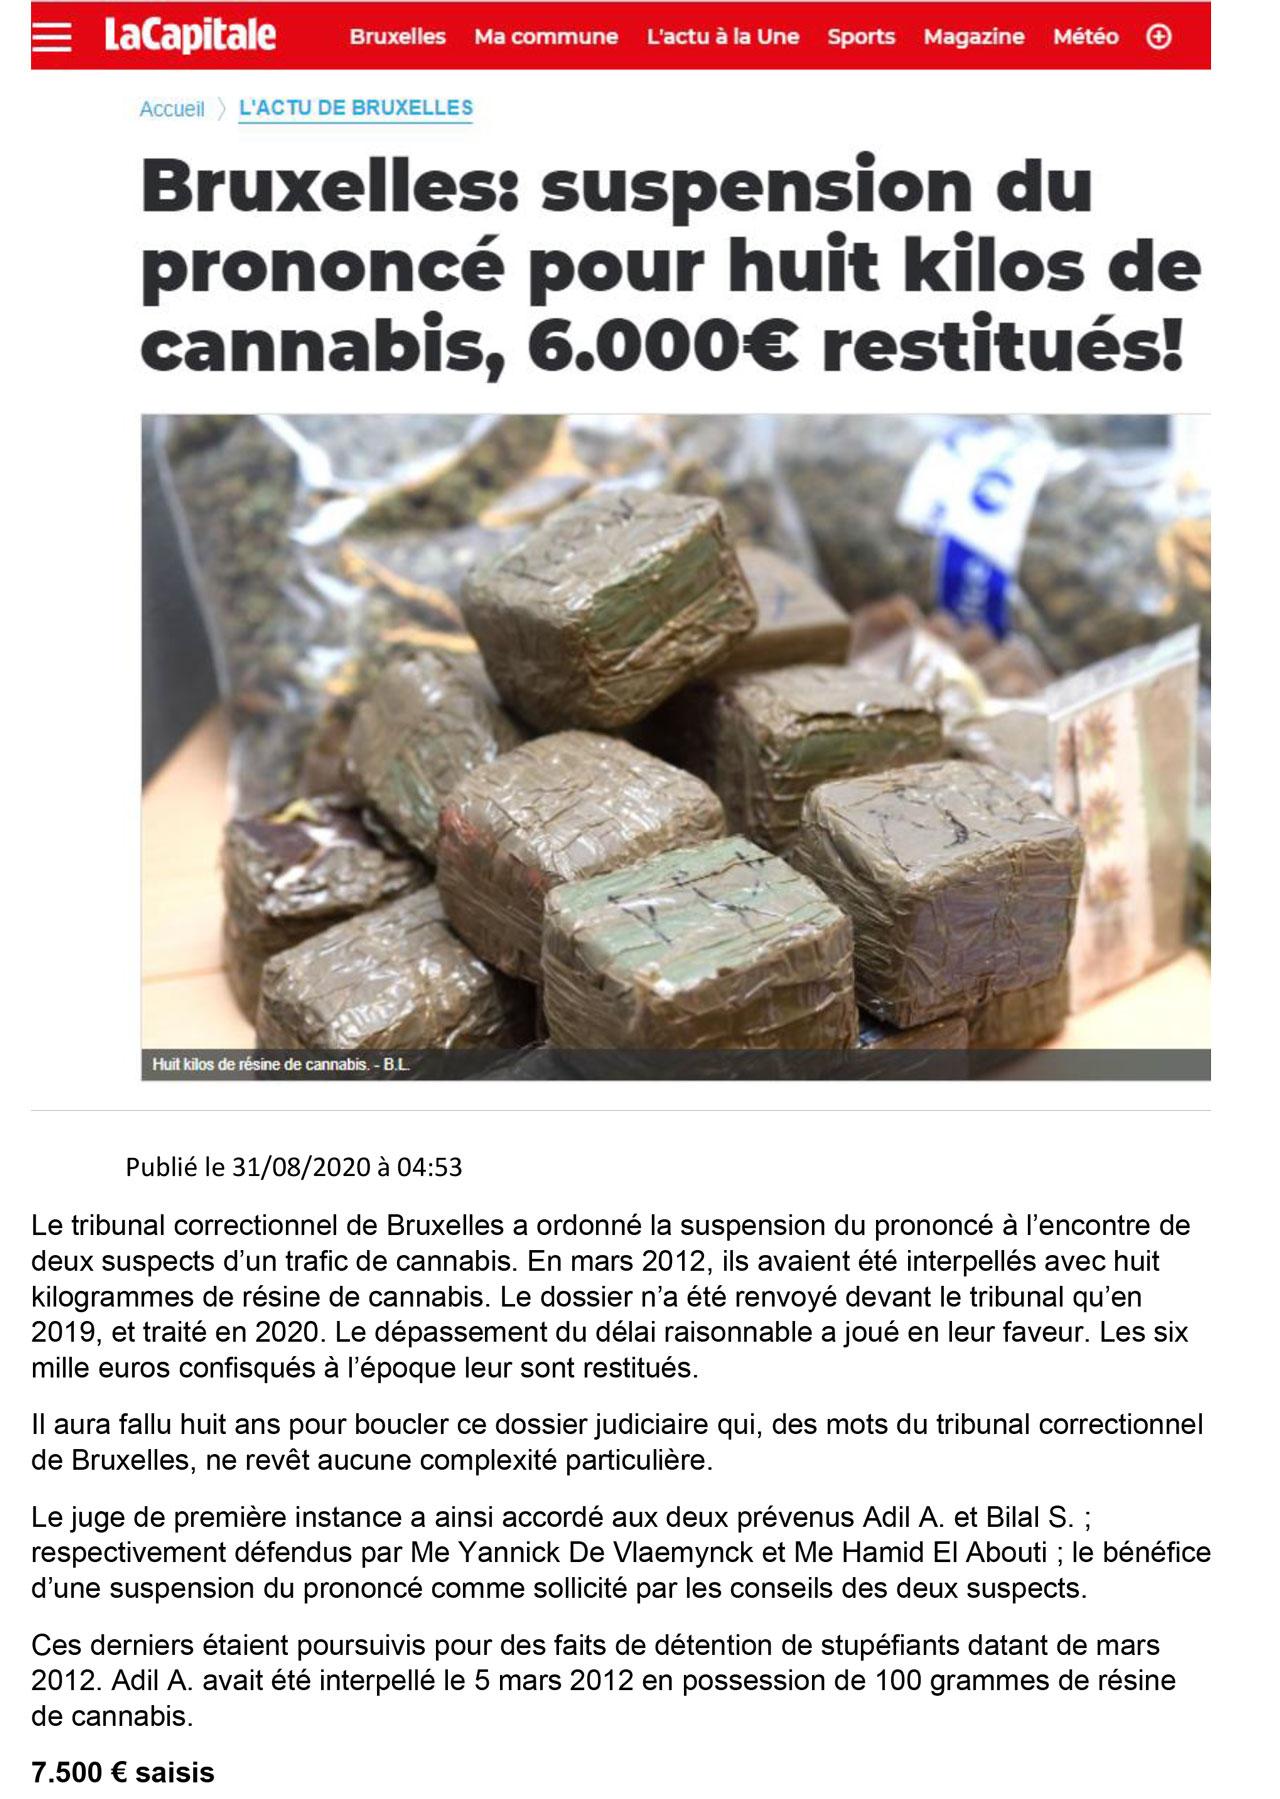 Avocat Hamid El Abouti - Pas de peine prononcée pour 8 kilos de cannabis et restitution des 6000 euros saisis